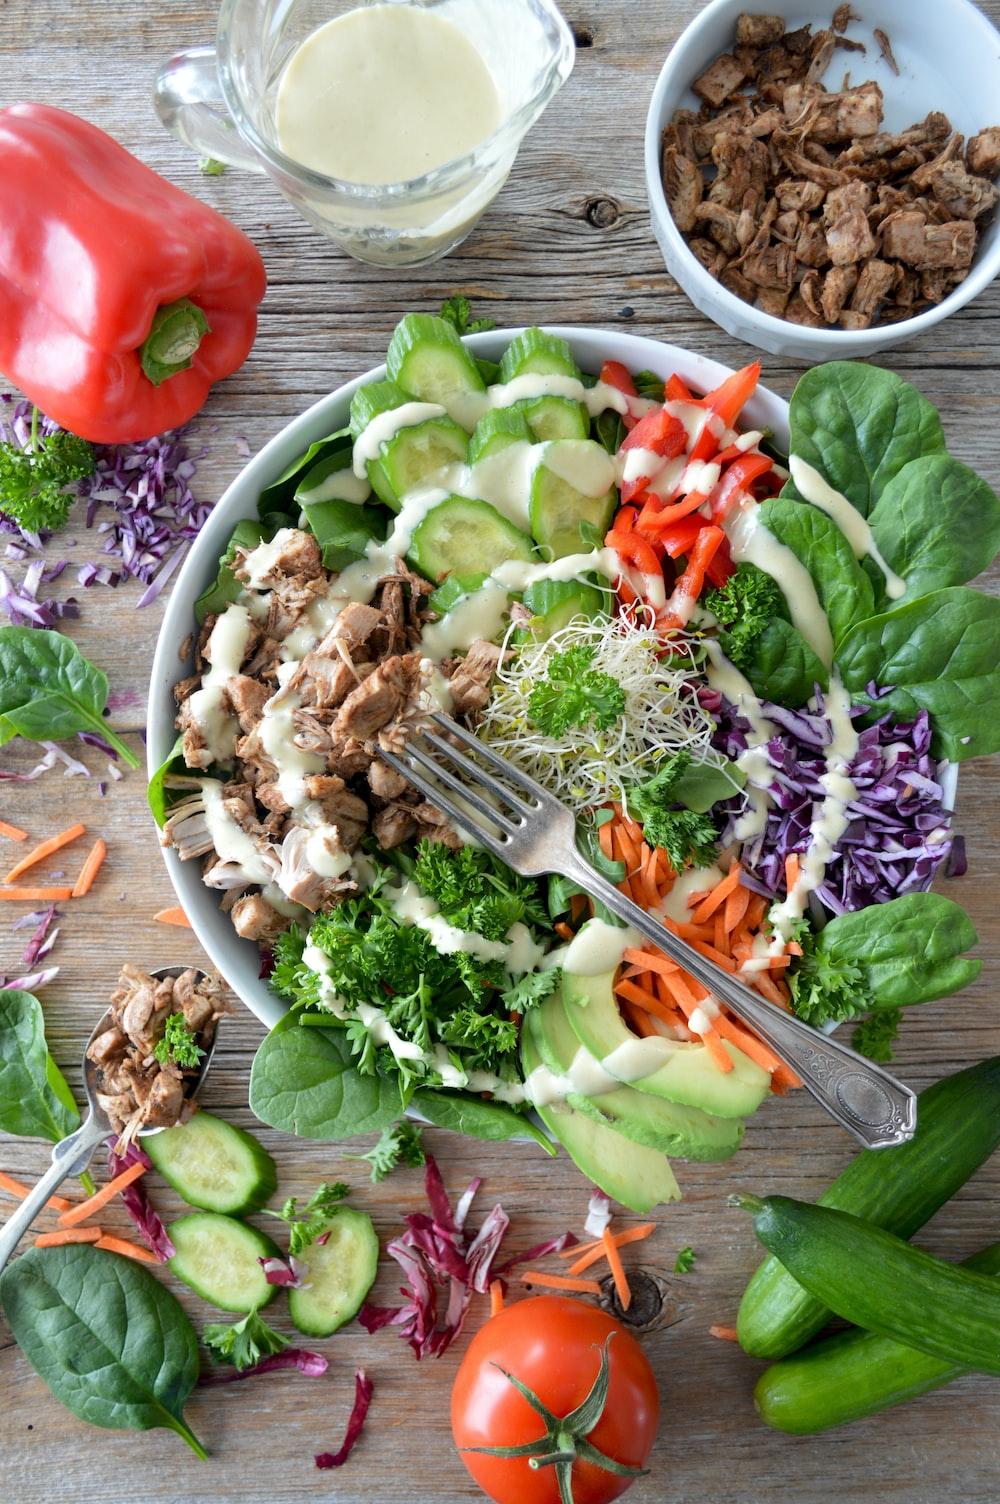 vegetable salad dish